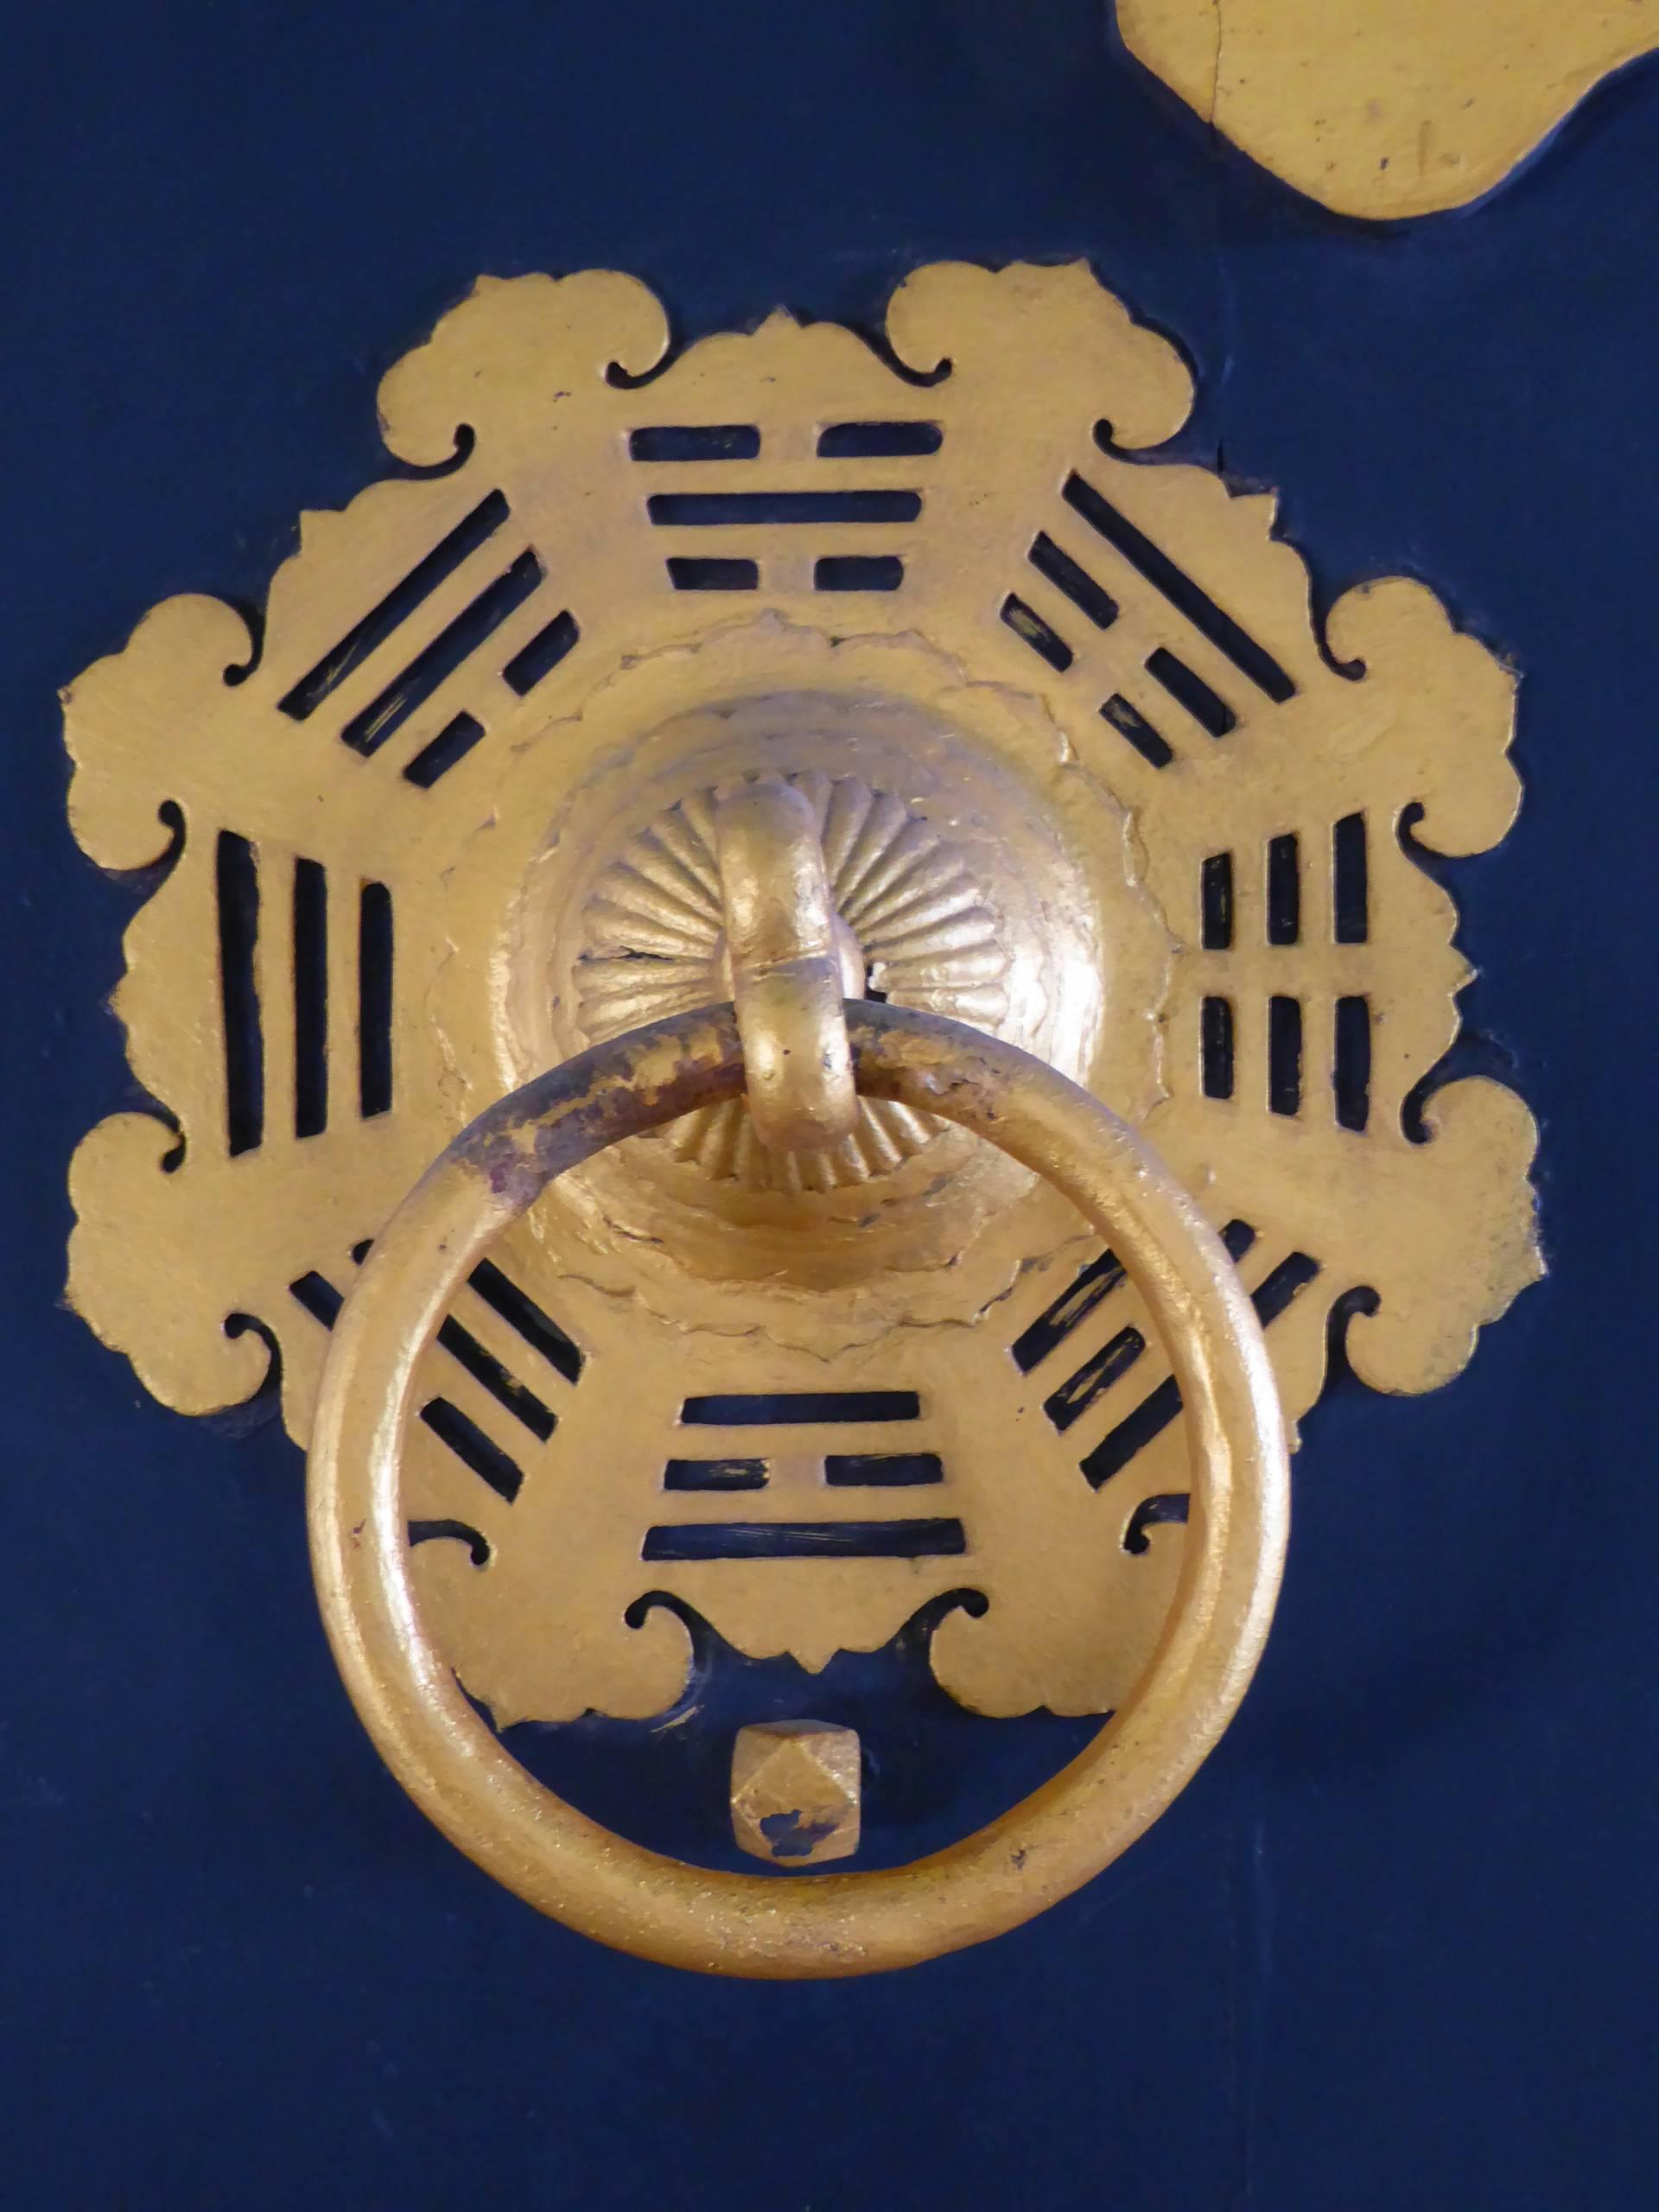 Una consulta al I Ching